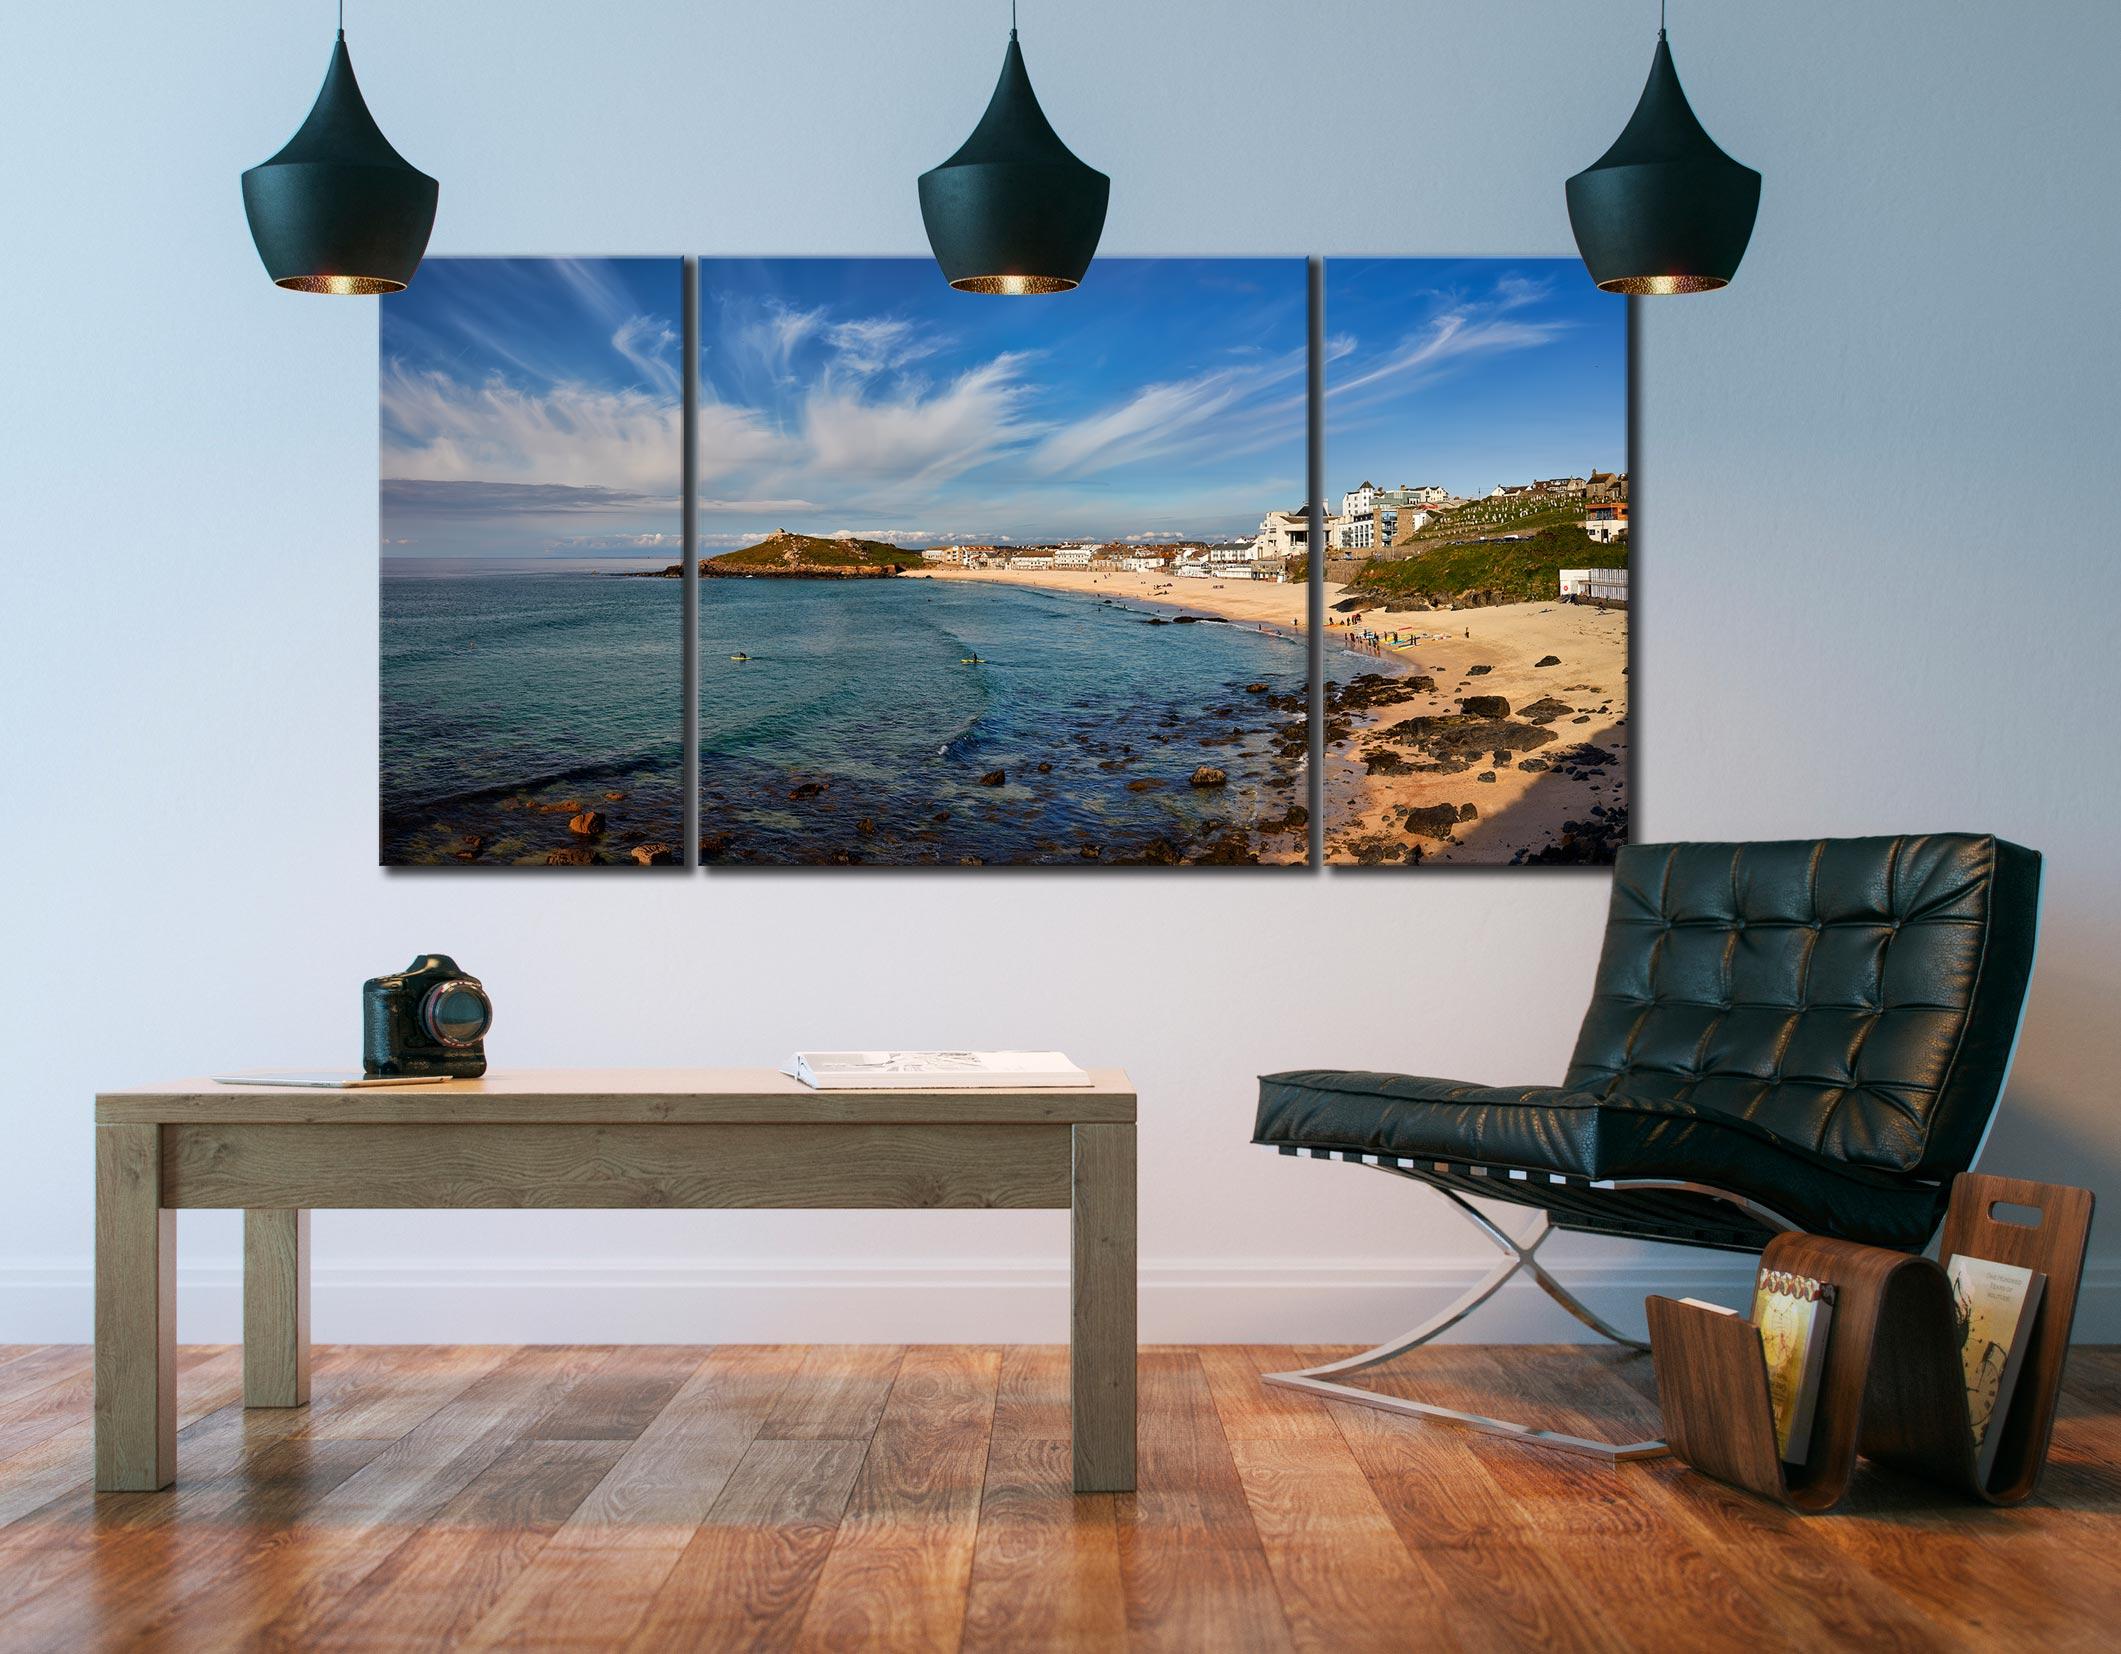 Porthmeor Beach Green Ocean - 3 Panel Canvas on Wall